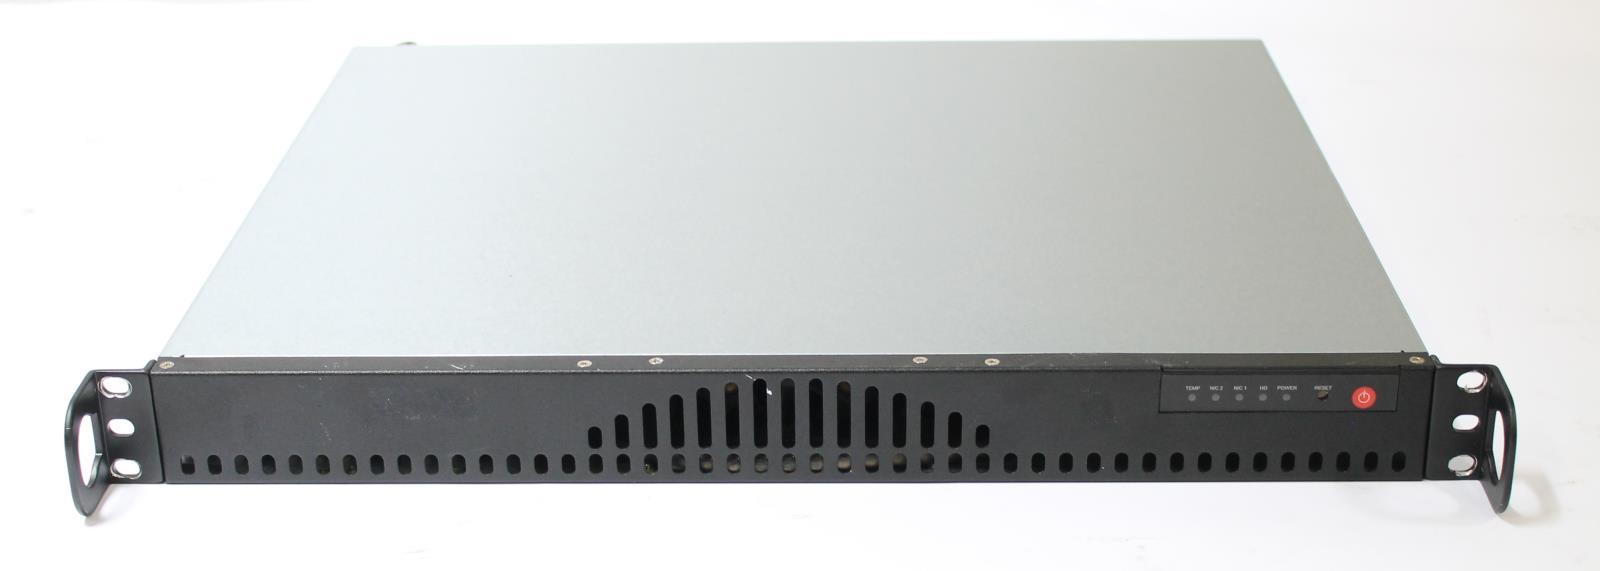 Supermicro 1U Server Intel E5300 2GB RAM 2x 160GB HDD with 410W DC Power  Supply